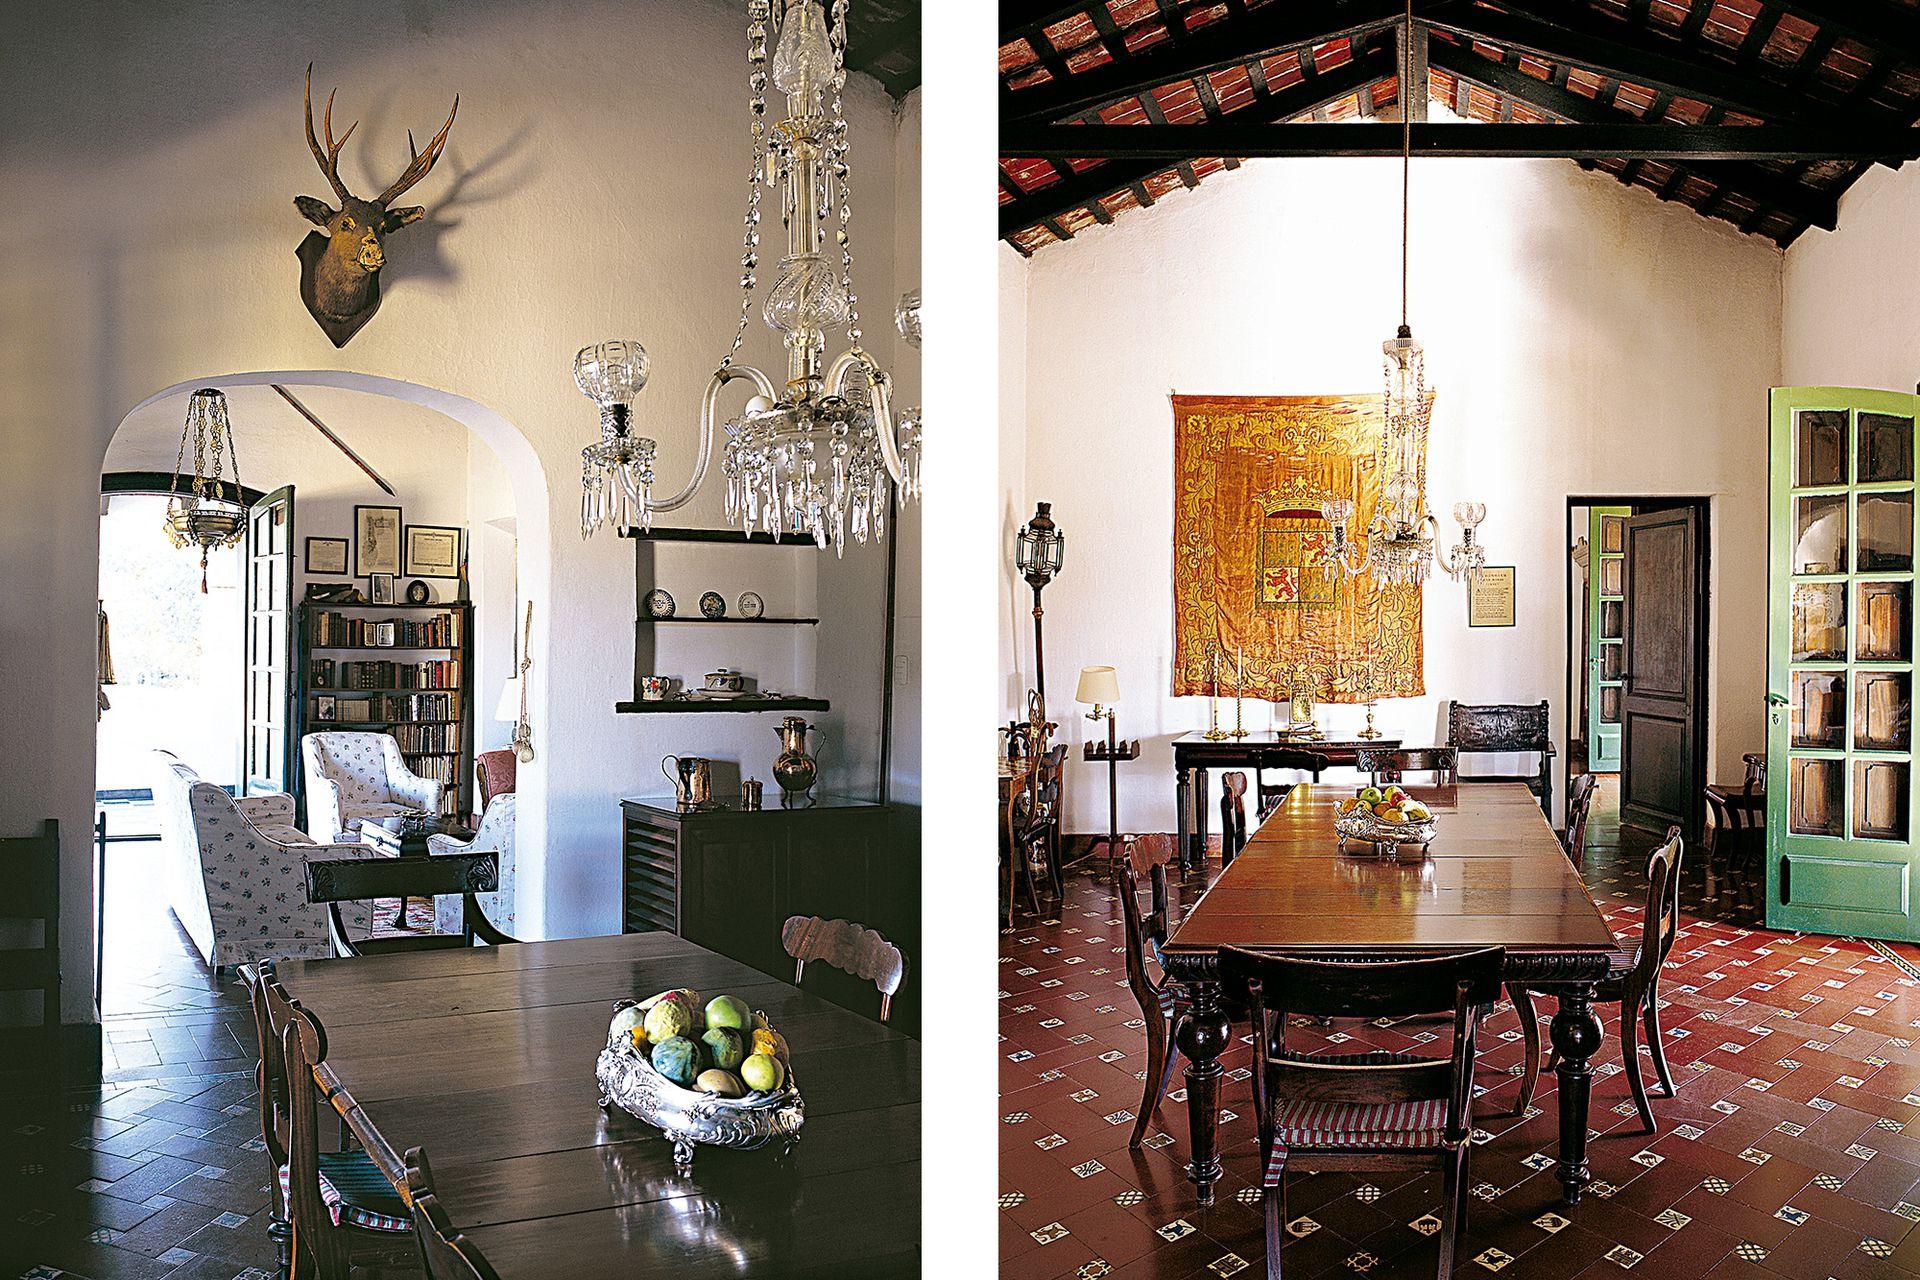 Desde el comedor se accede a uno de los dormitorios, que da a la galería. Sobre la pared cuelga un tapiz de seda español con el escudo de Castilla y León.